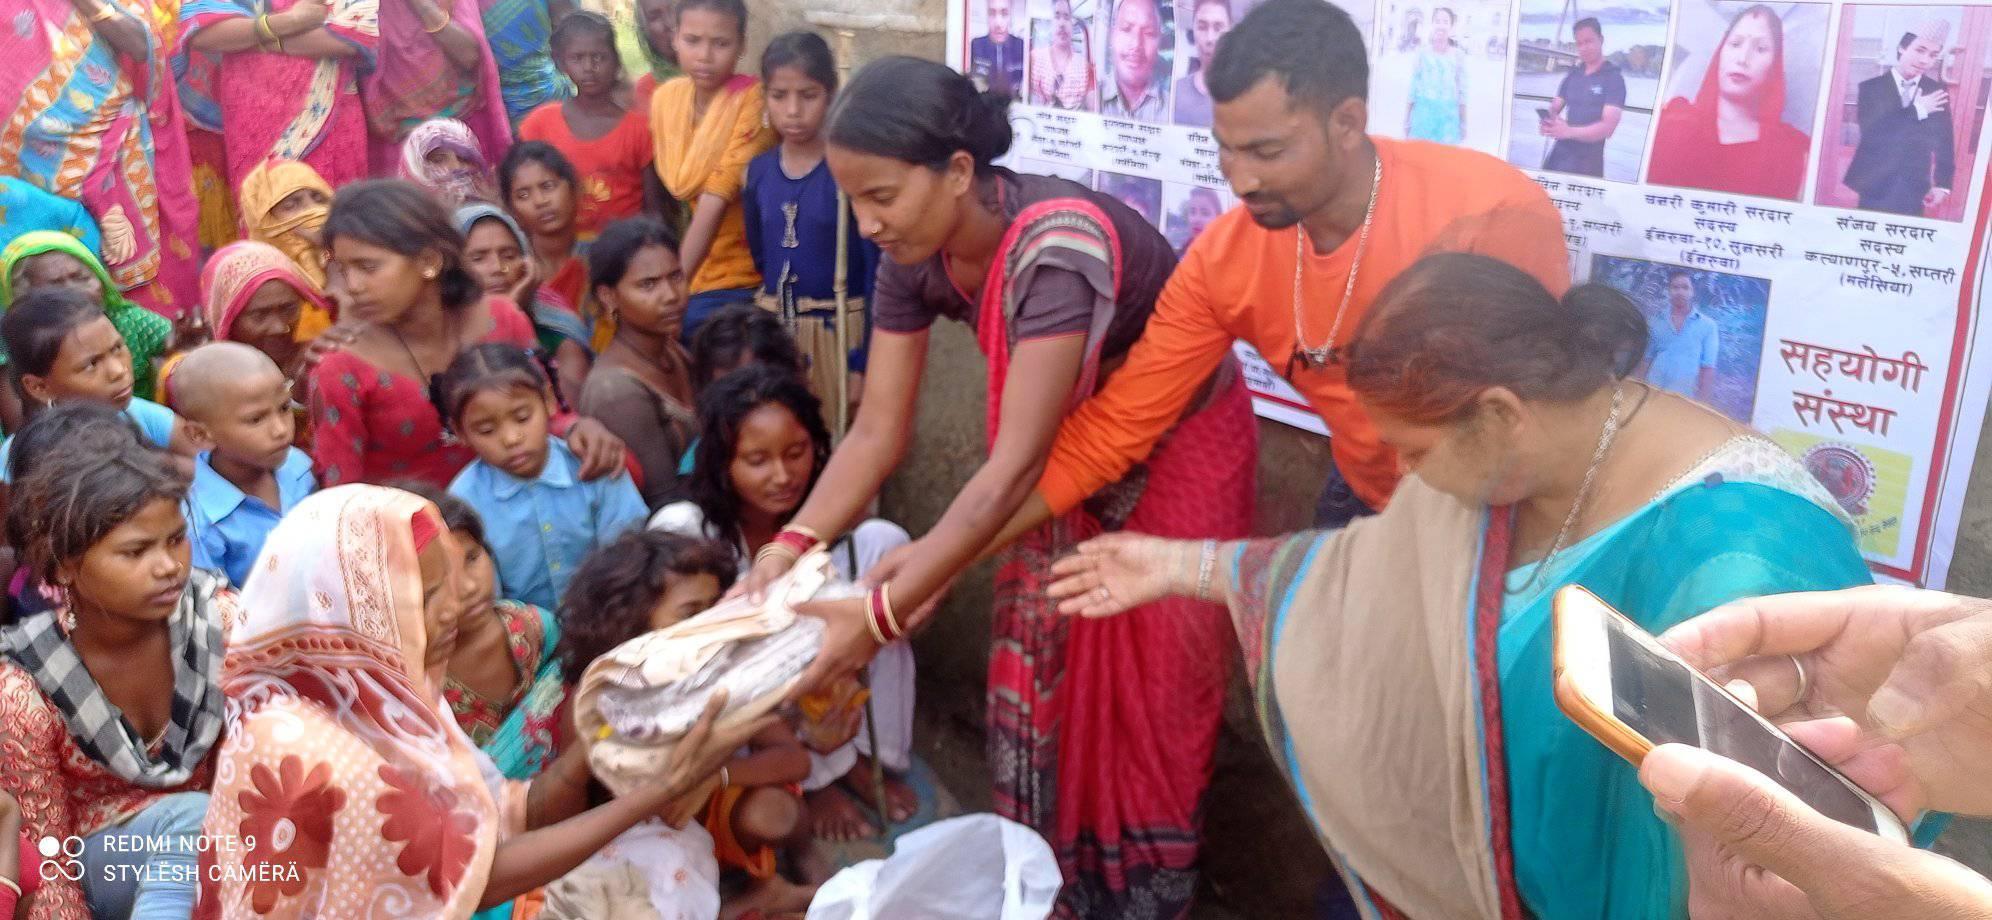 सरदार बाँतर युवा एकता समाज द्धारा नेपालमा सहयोग